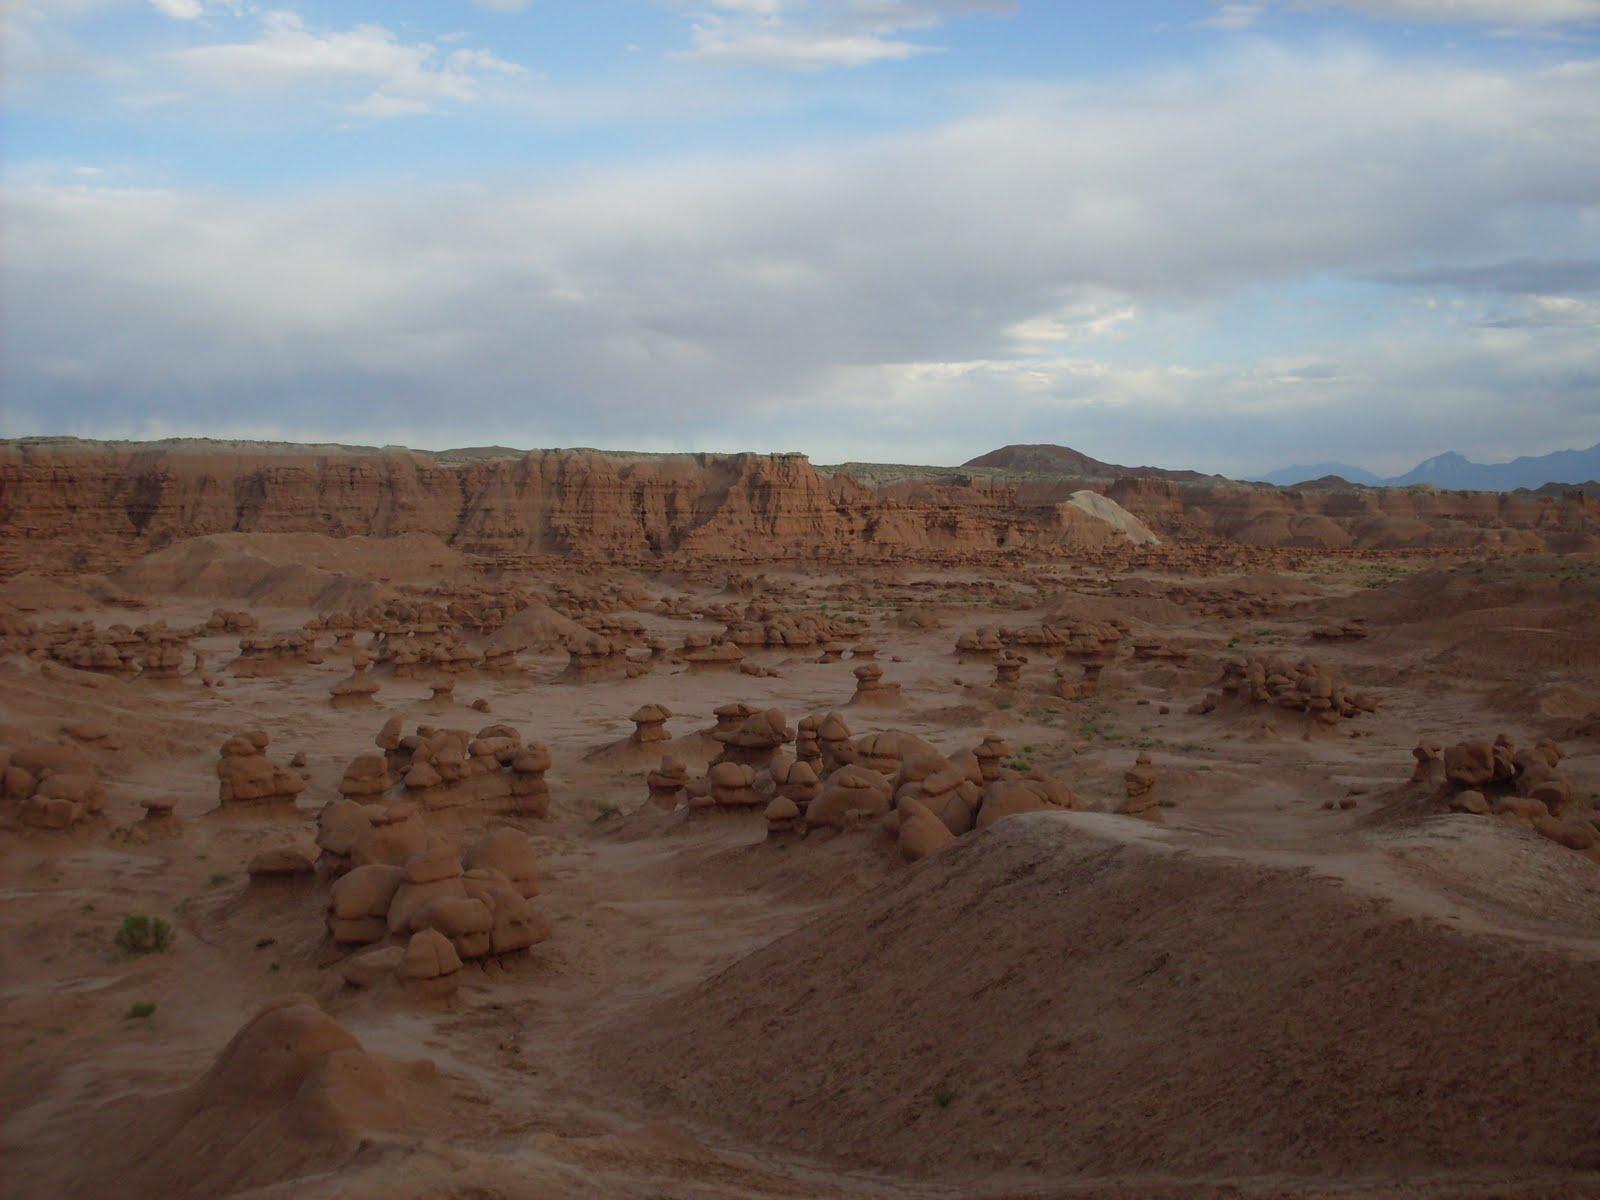 http://3.bp.blogspot.com/-aY-vKKD1cq0/TiNsSyeulzI/AAAAAAAABt4/TiTGazy9OQA/s1600/National+Park+Adventure+June+2011+292.JPG